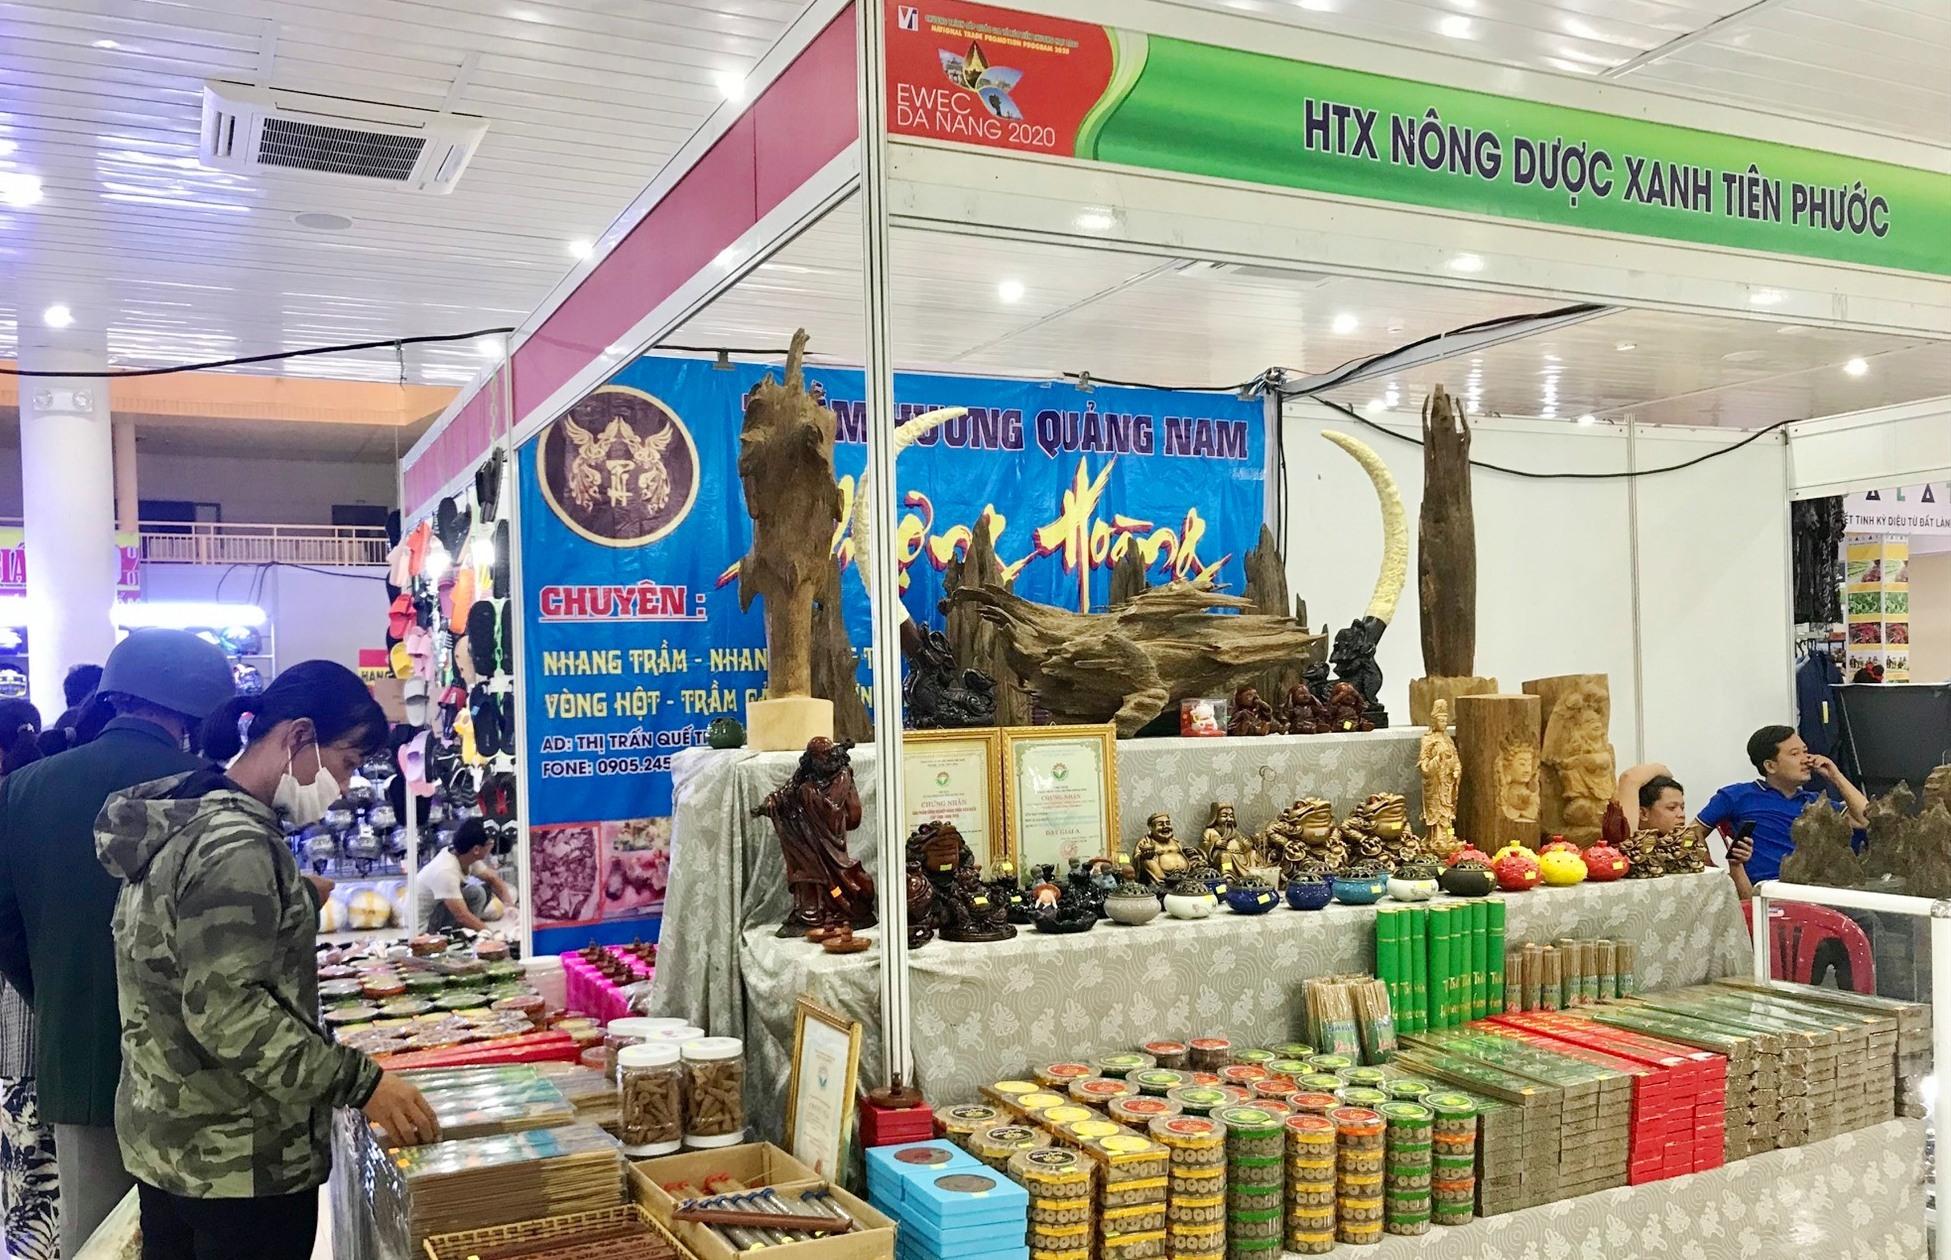 Một gian hàng đến từ Quảng Nam tham gia hội chợ. Ảnh: Q.T